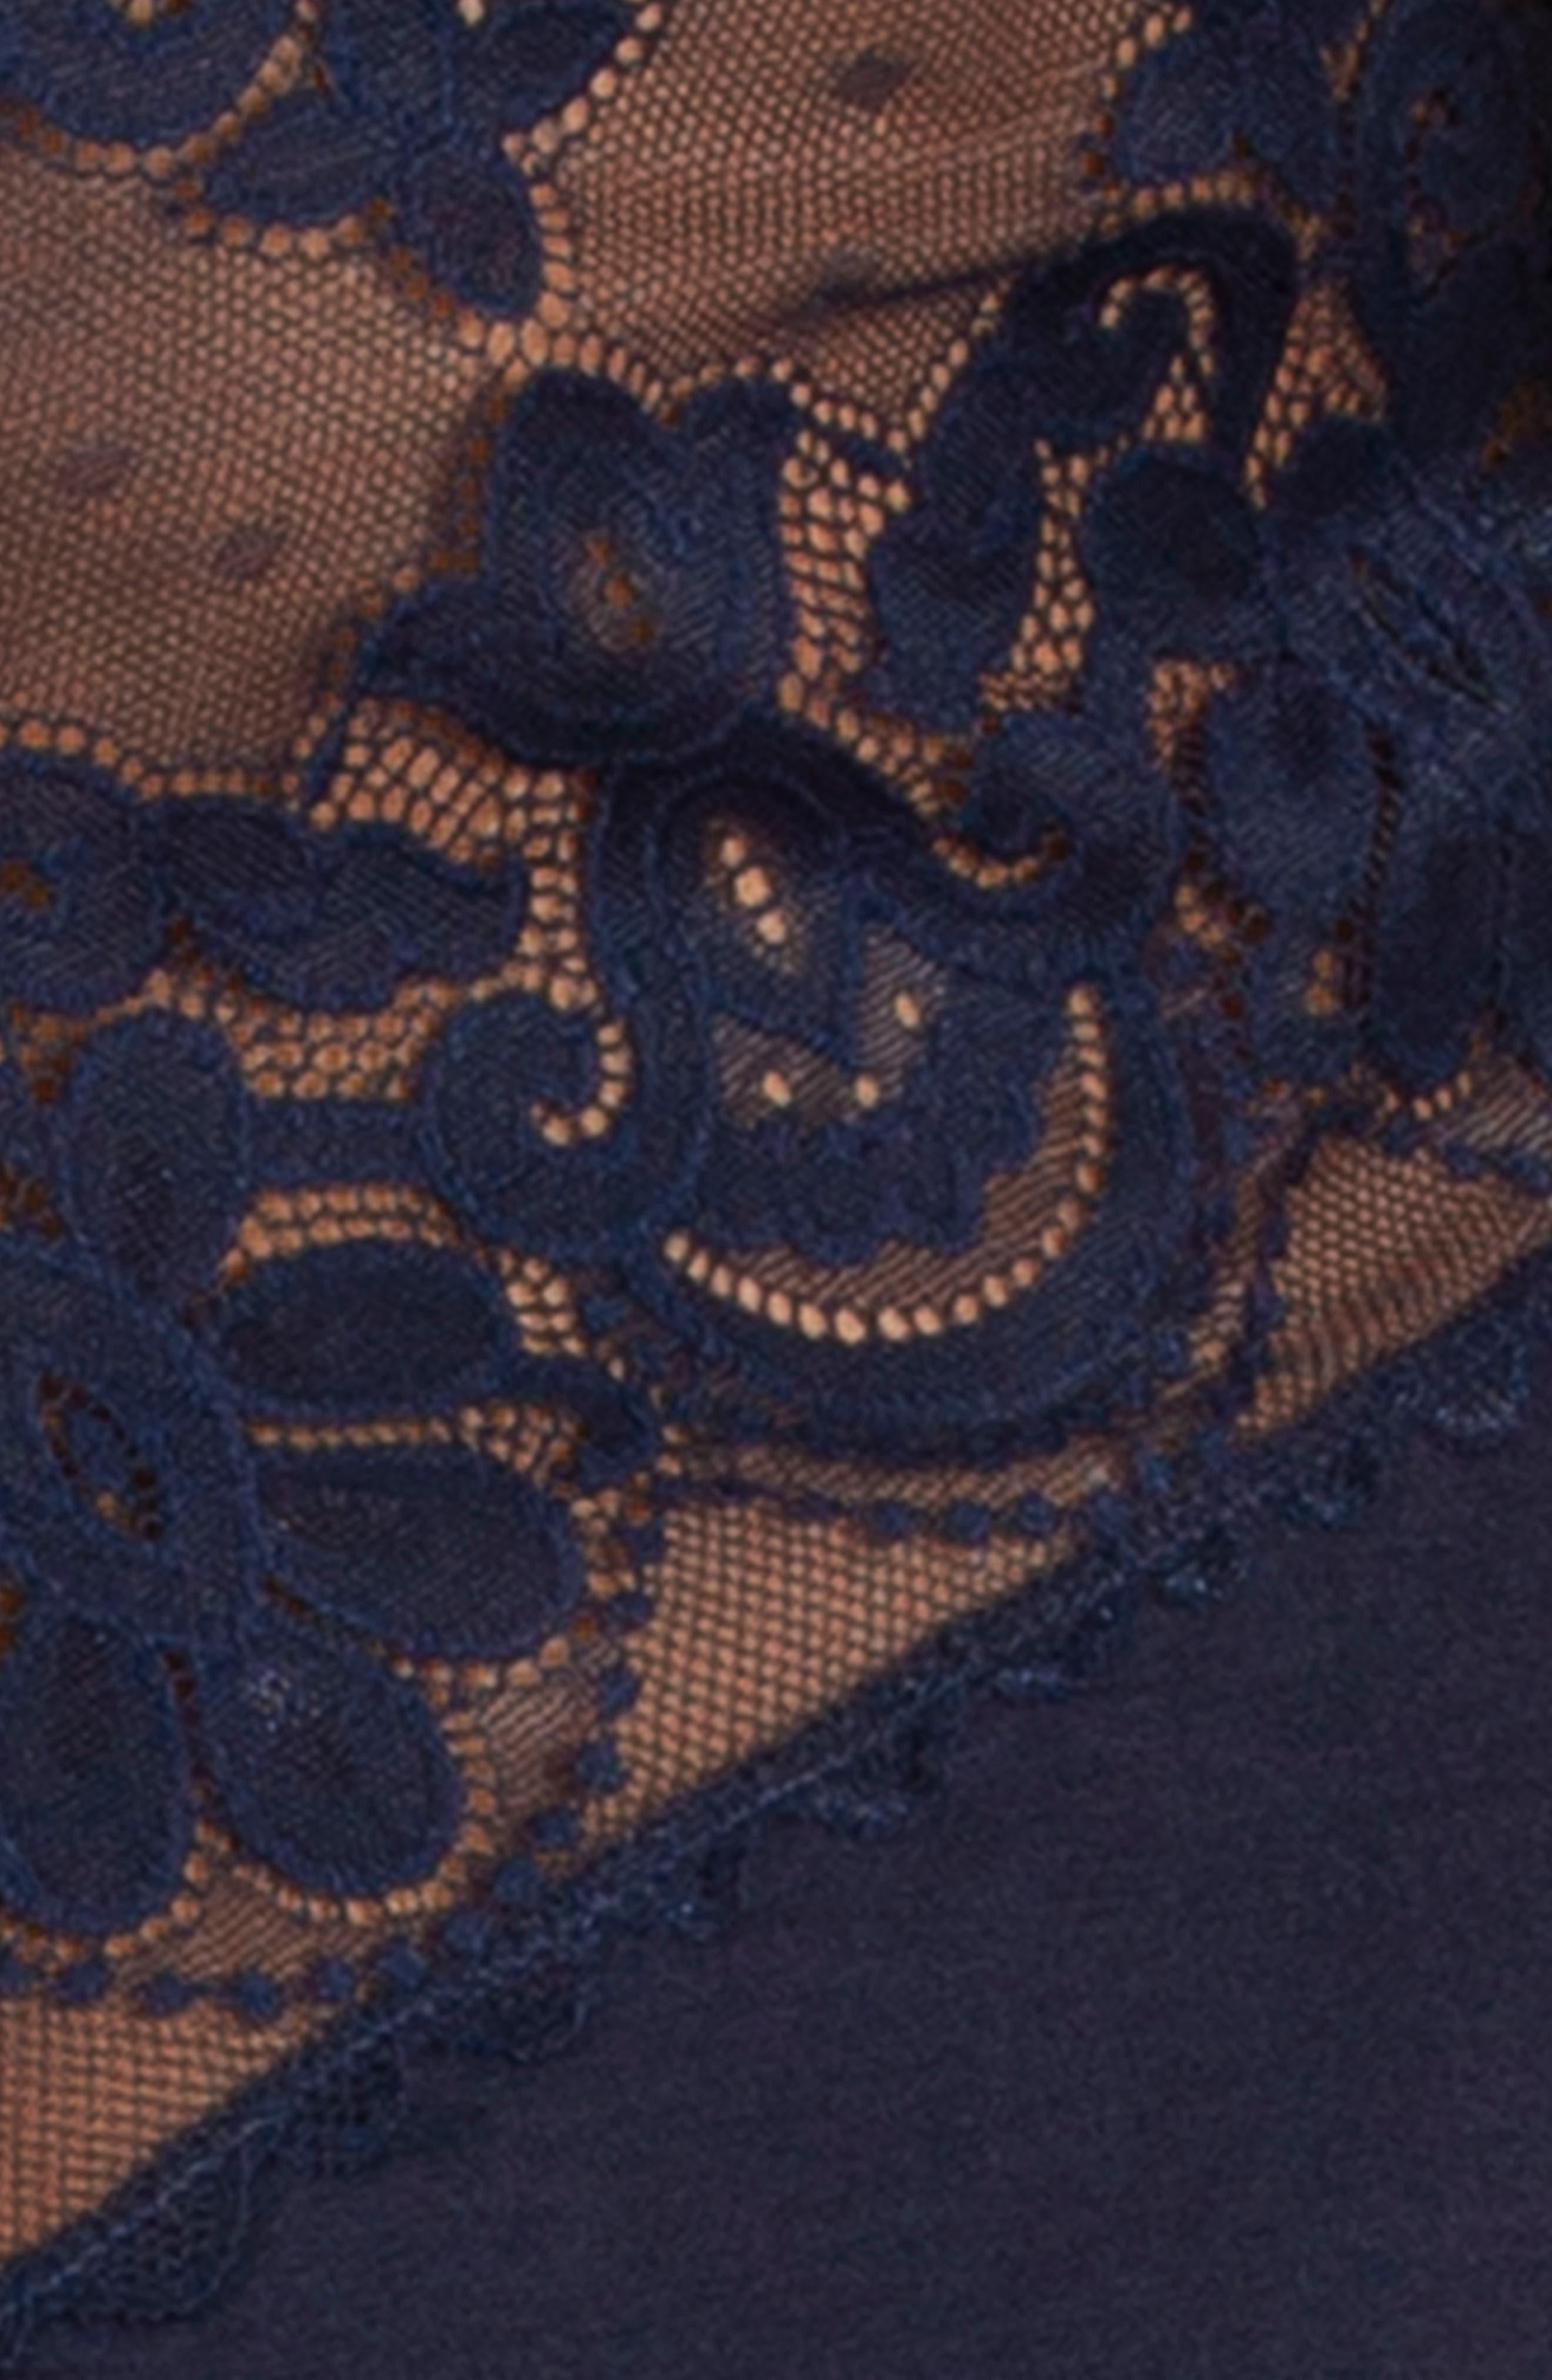 Lace Trim Chemise,                             Alternate thumbnail 4, color,                             NAVY BLUE